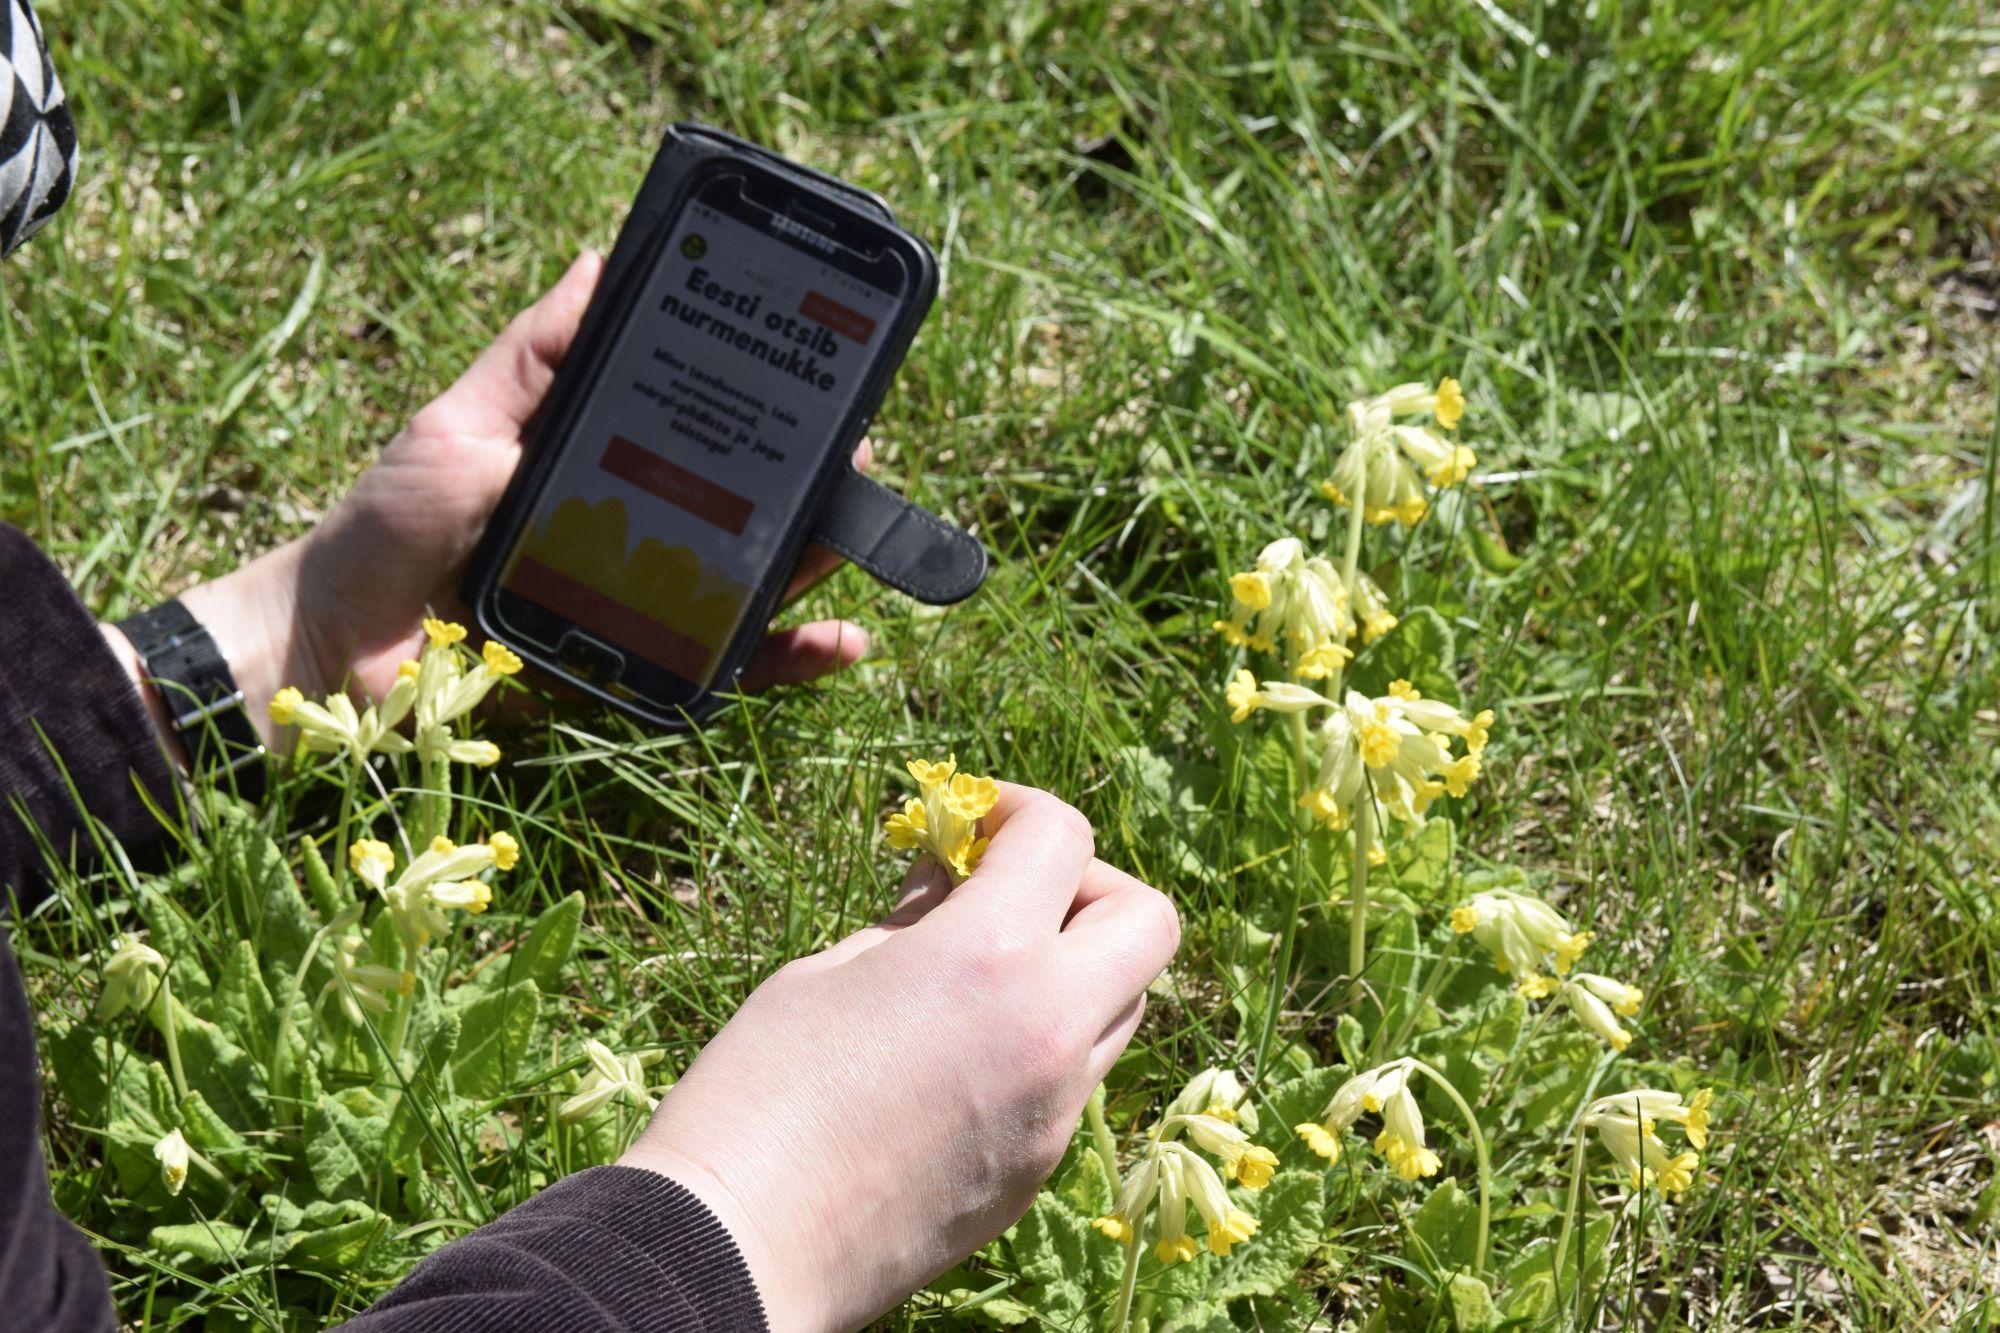 Foto: Nurmenukkude määramine telefoniäpi abil. Janek Jõgisaar, Bioneer.ee